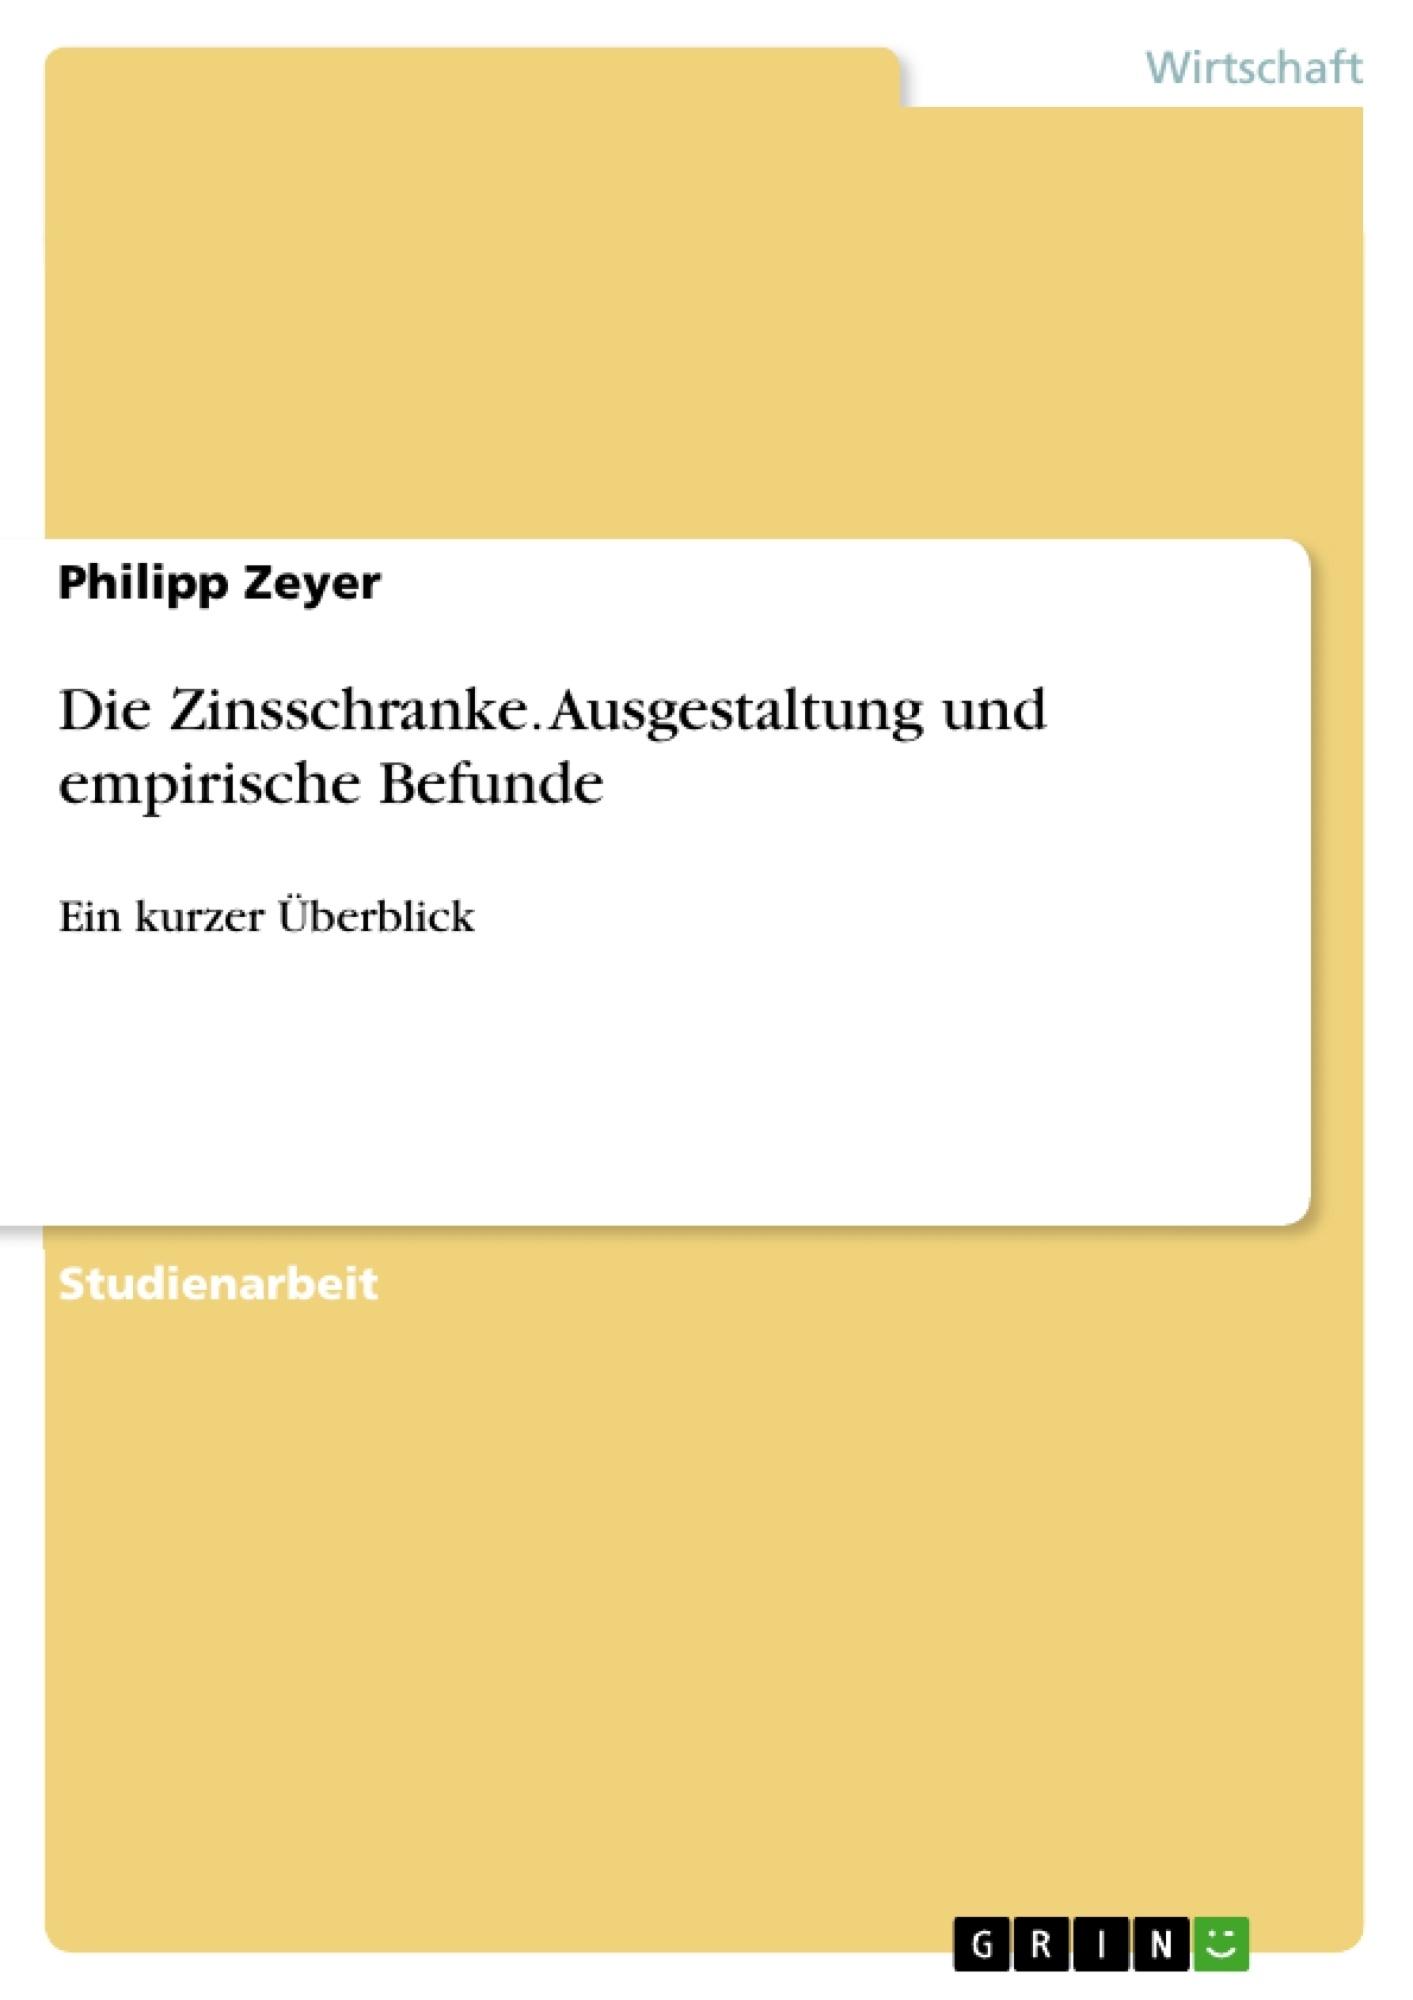 Titel: Die Zinsschranke. Ausgestaltung und empirische Befunde